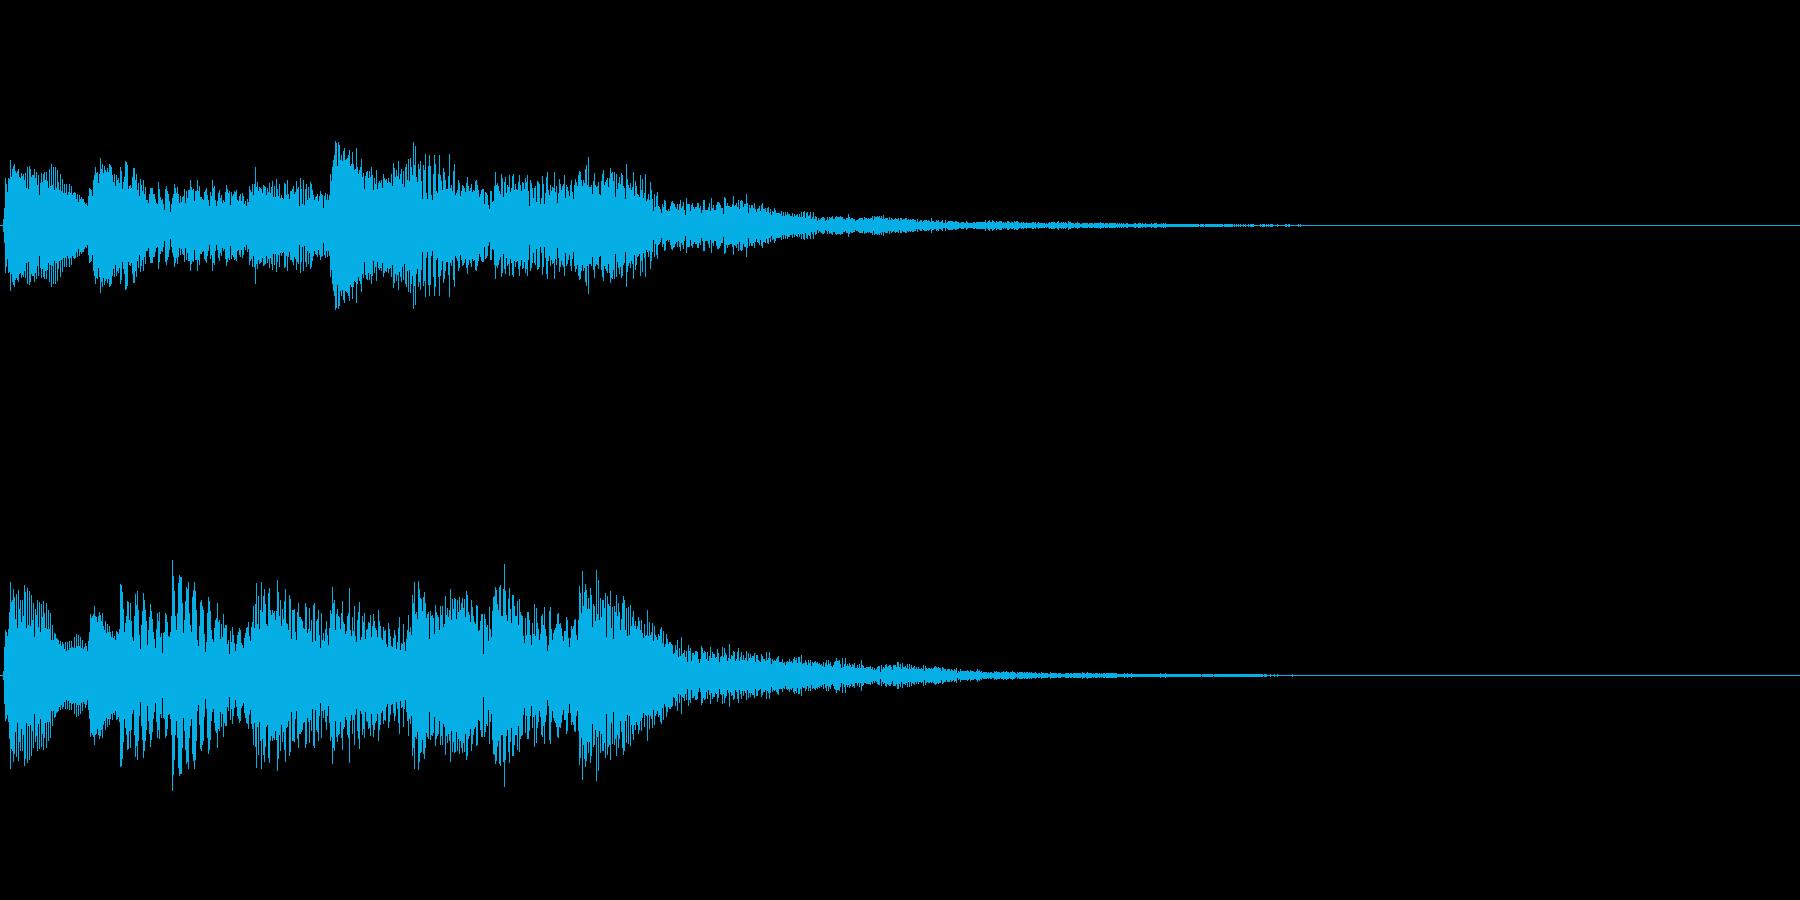 【ロゴ、ジングル】ピアノ02の再生済みの波形